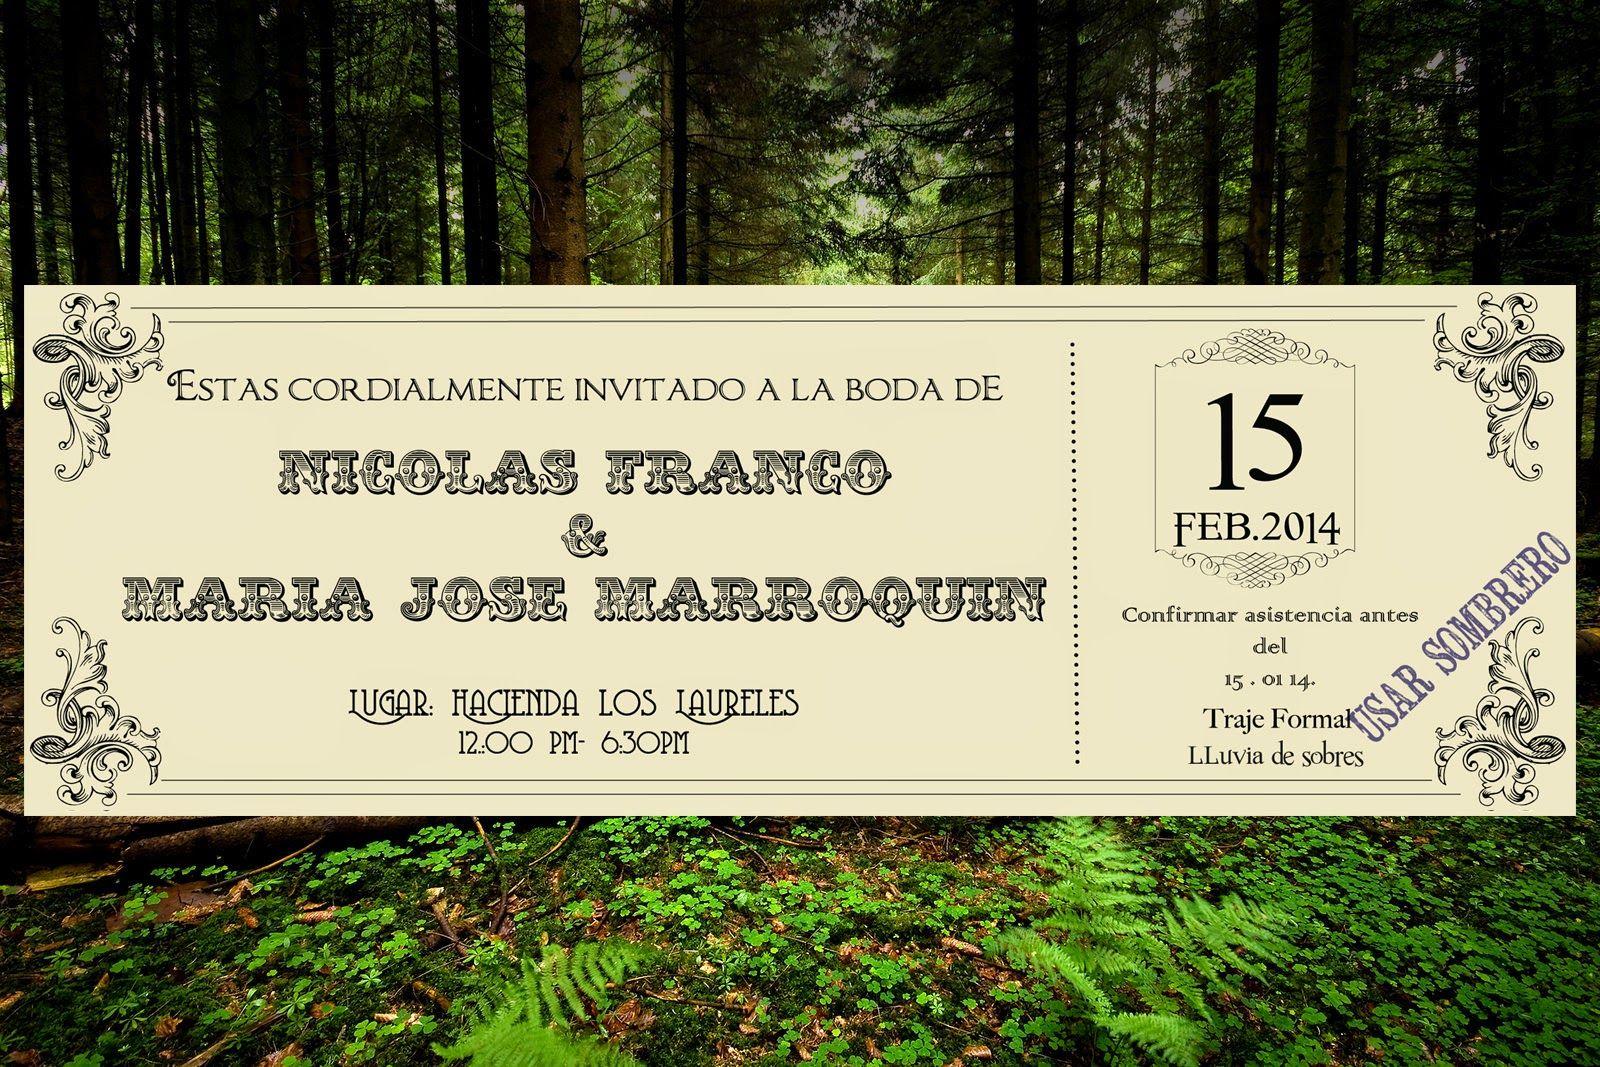 Casa Lefay: Una boda con encanto / A charming Wedding beautiful forest wedding by casa lefay matrimonios bodas invitations invitaciones